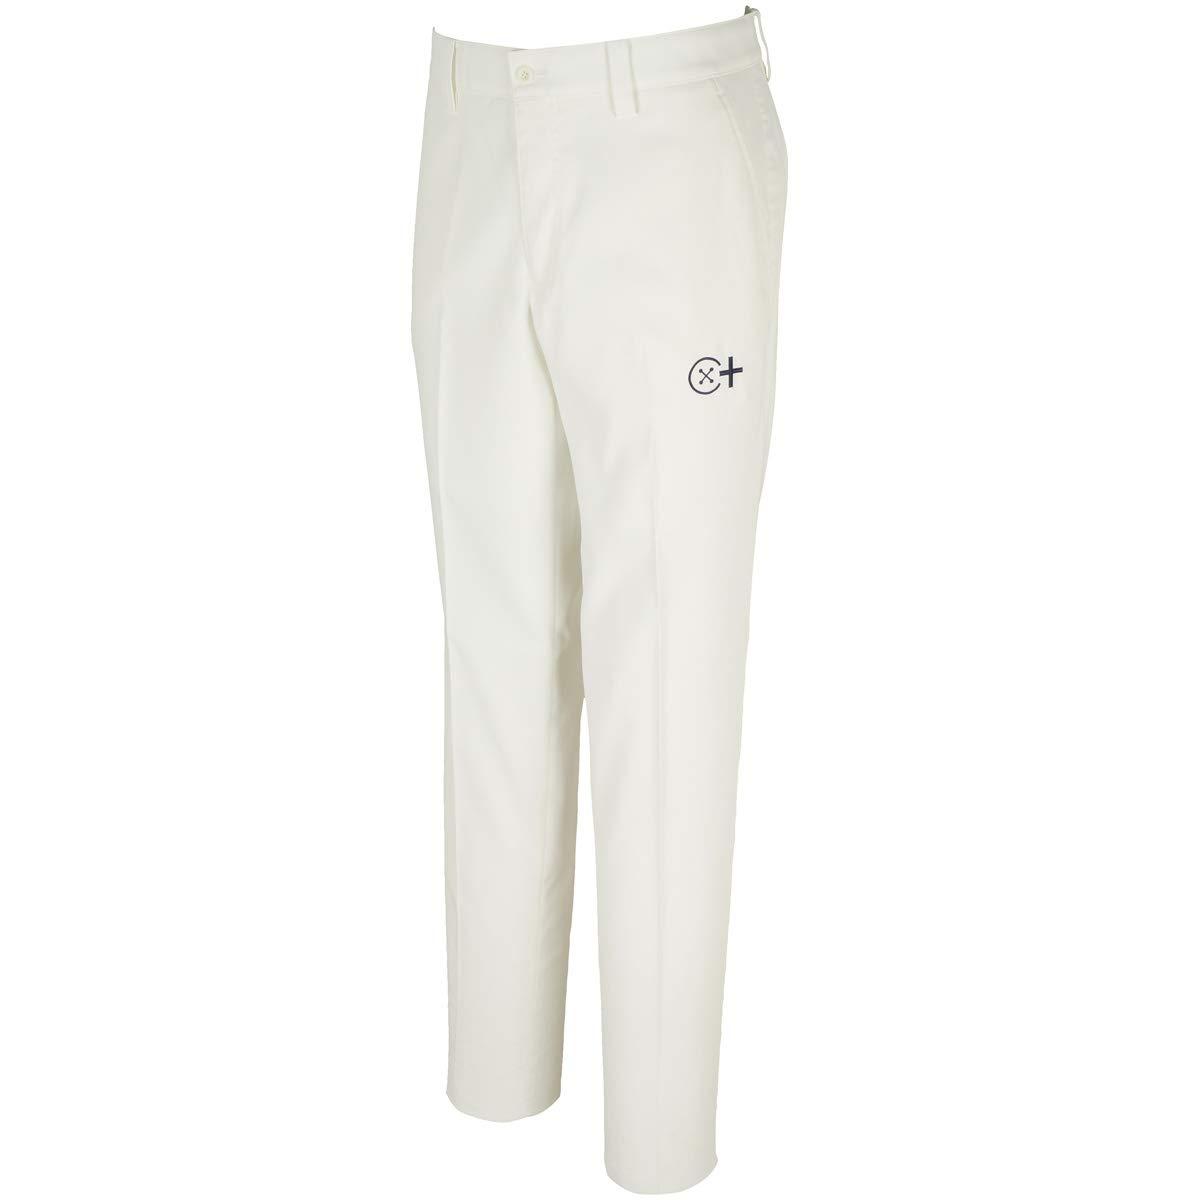 カミーチャ スポルティーバ プラス Camicia Sportiva+ スツールズ STOOLS メンズ パンツ ロングパンツ 撥水 防汚 タップガードツイル素材 NEWテーパードパンツ   B07QBMYK3S